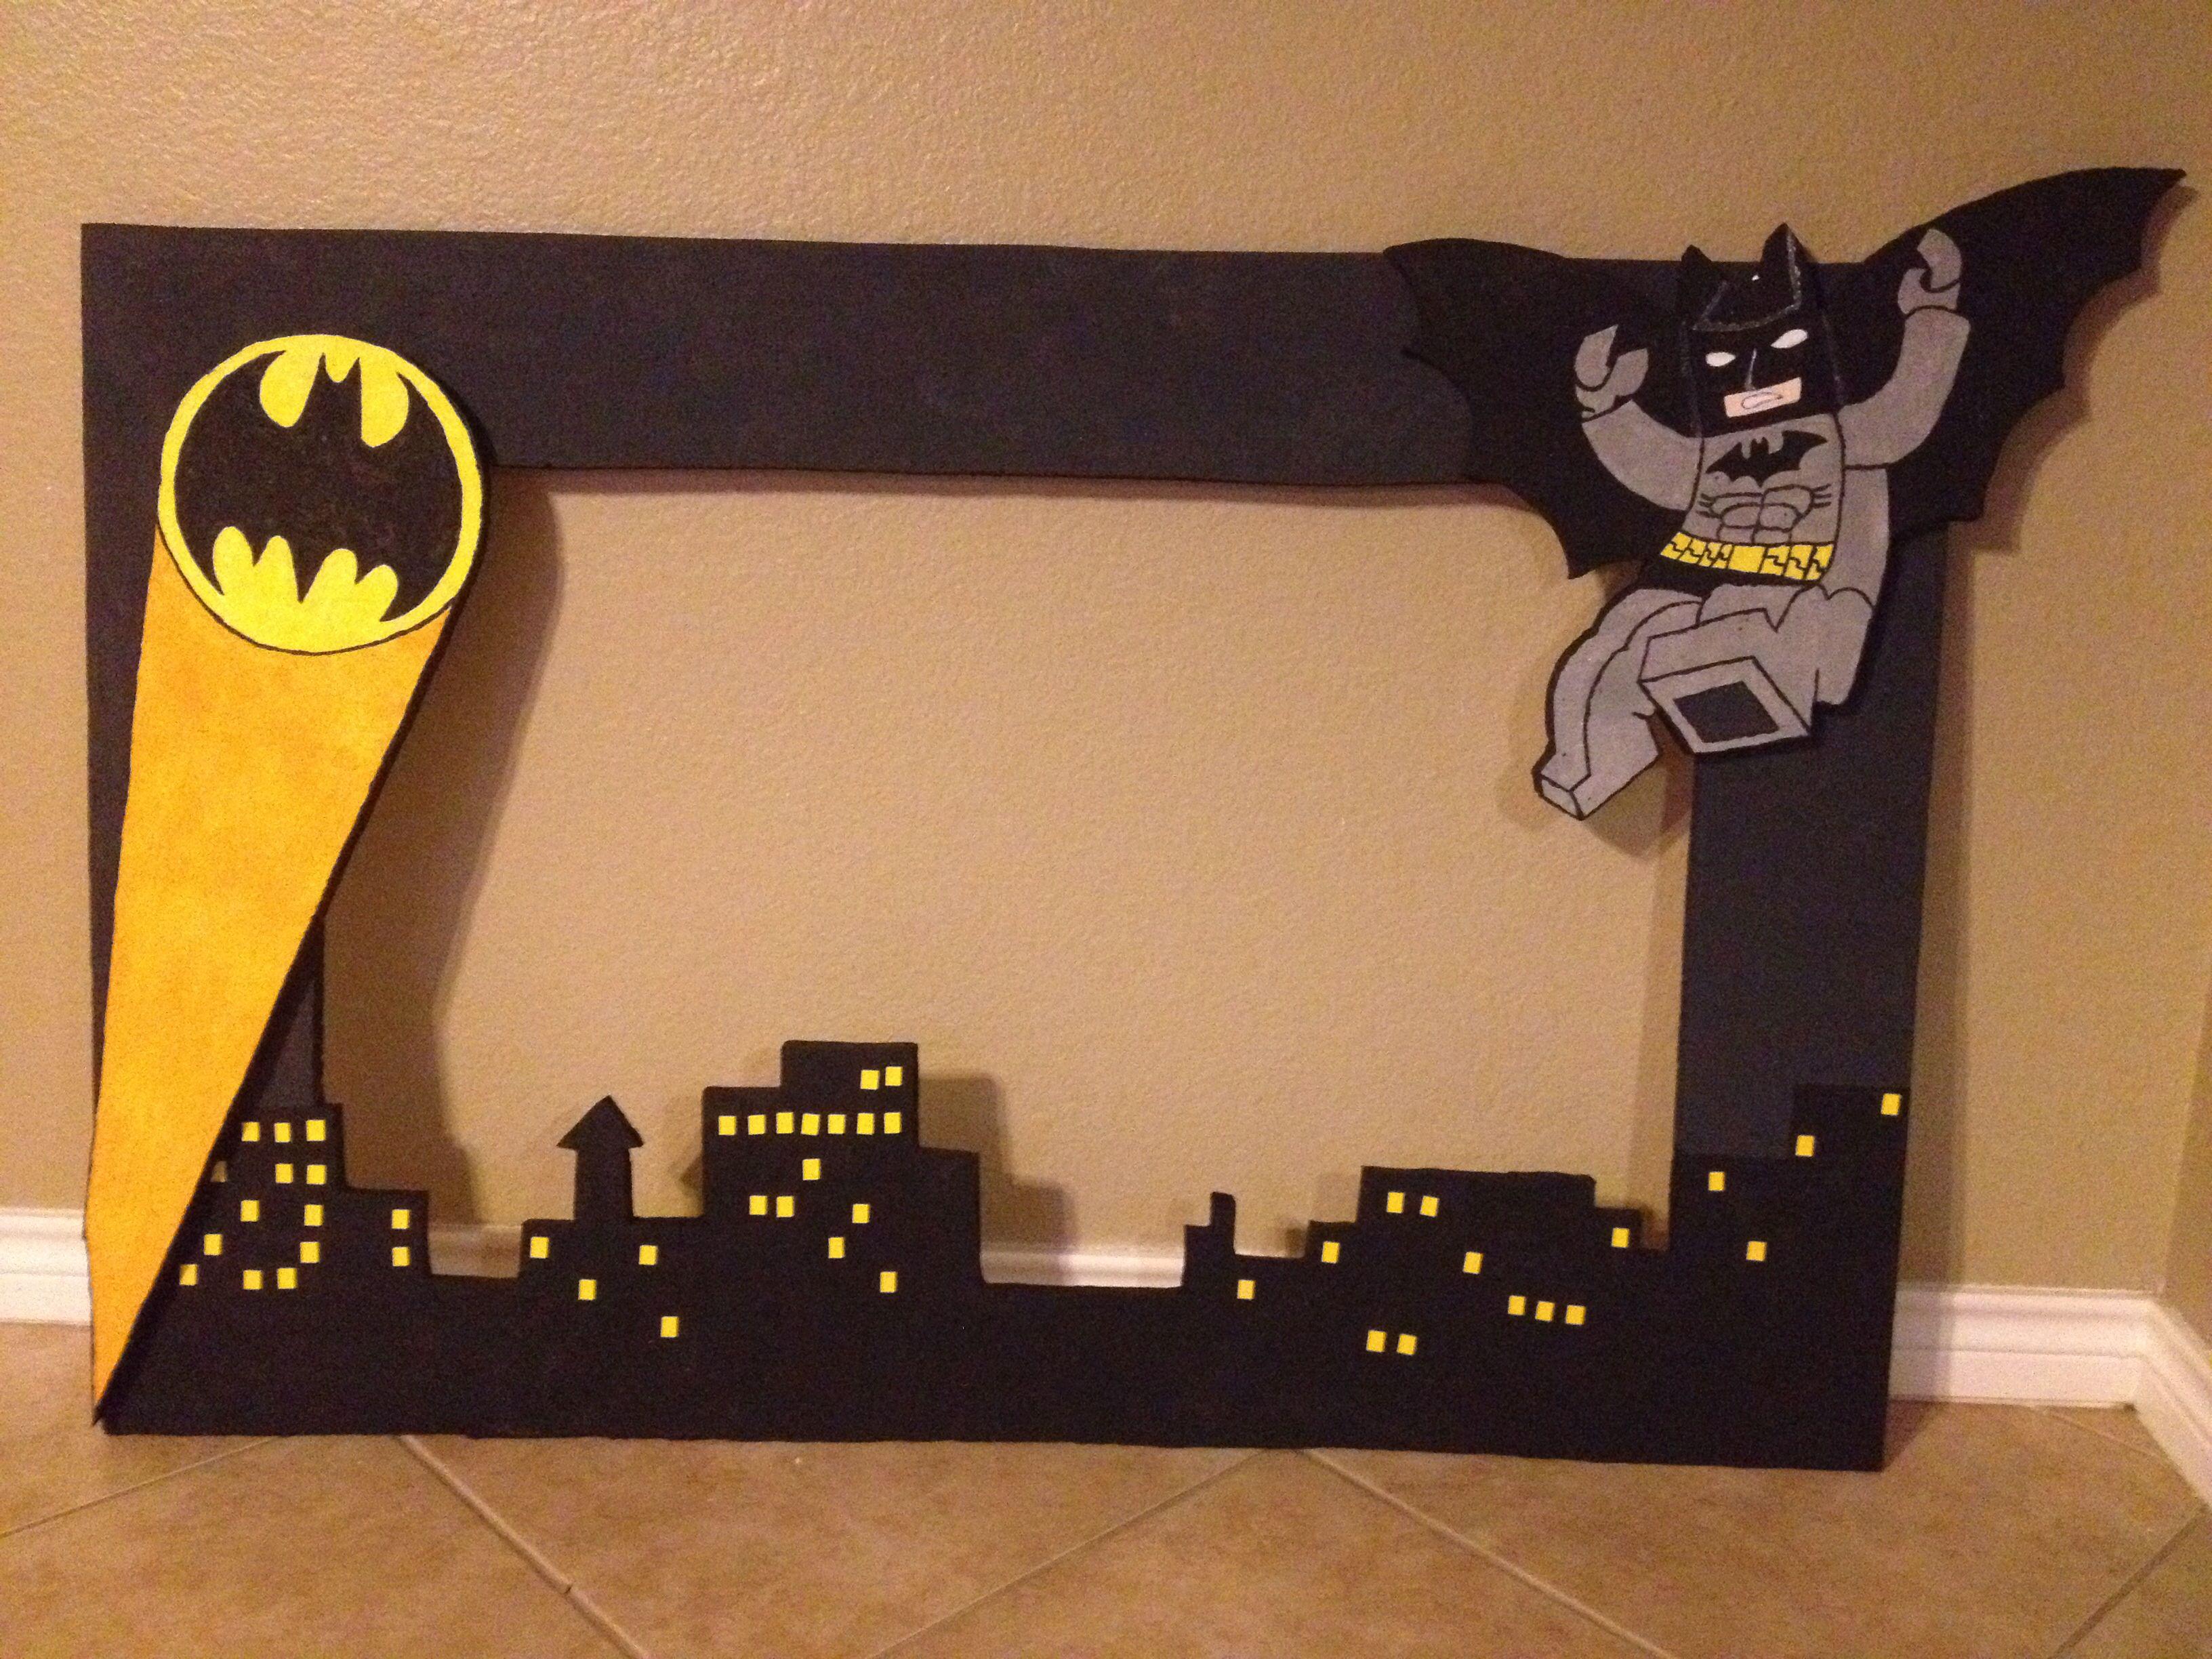 lego batman styrofoam frame 3500 email me evapedrazagmailcom